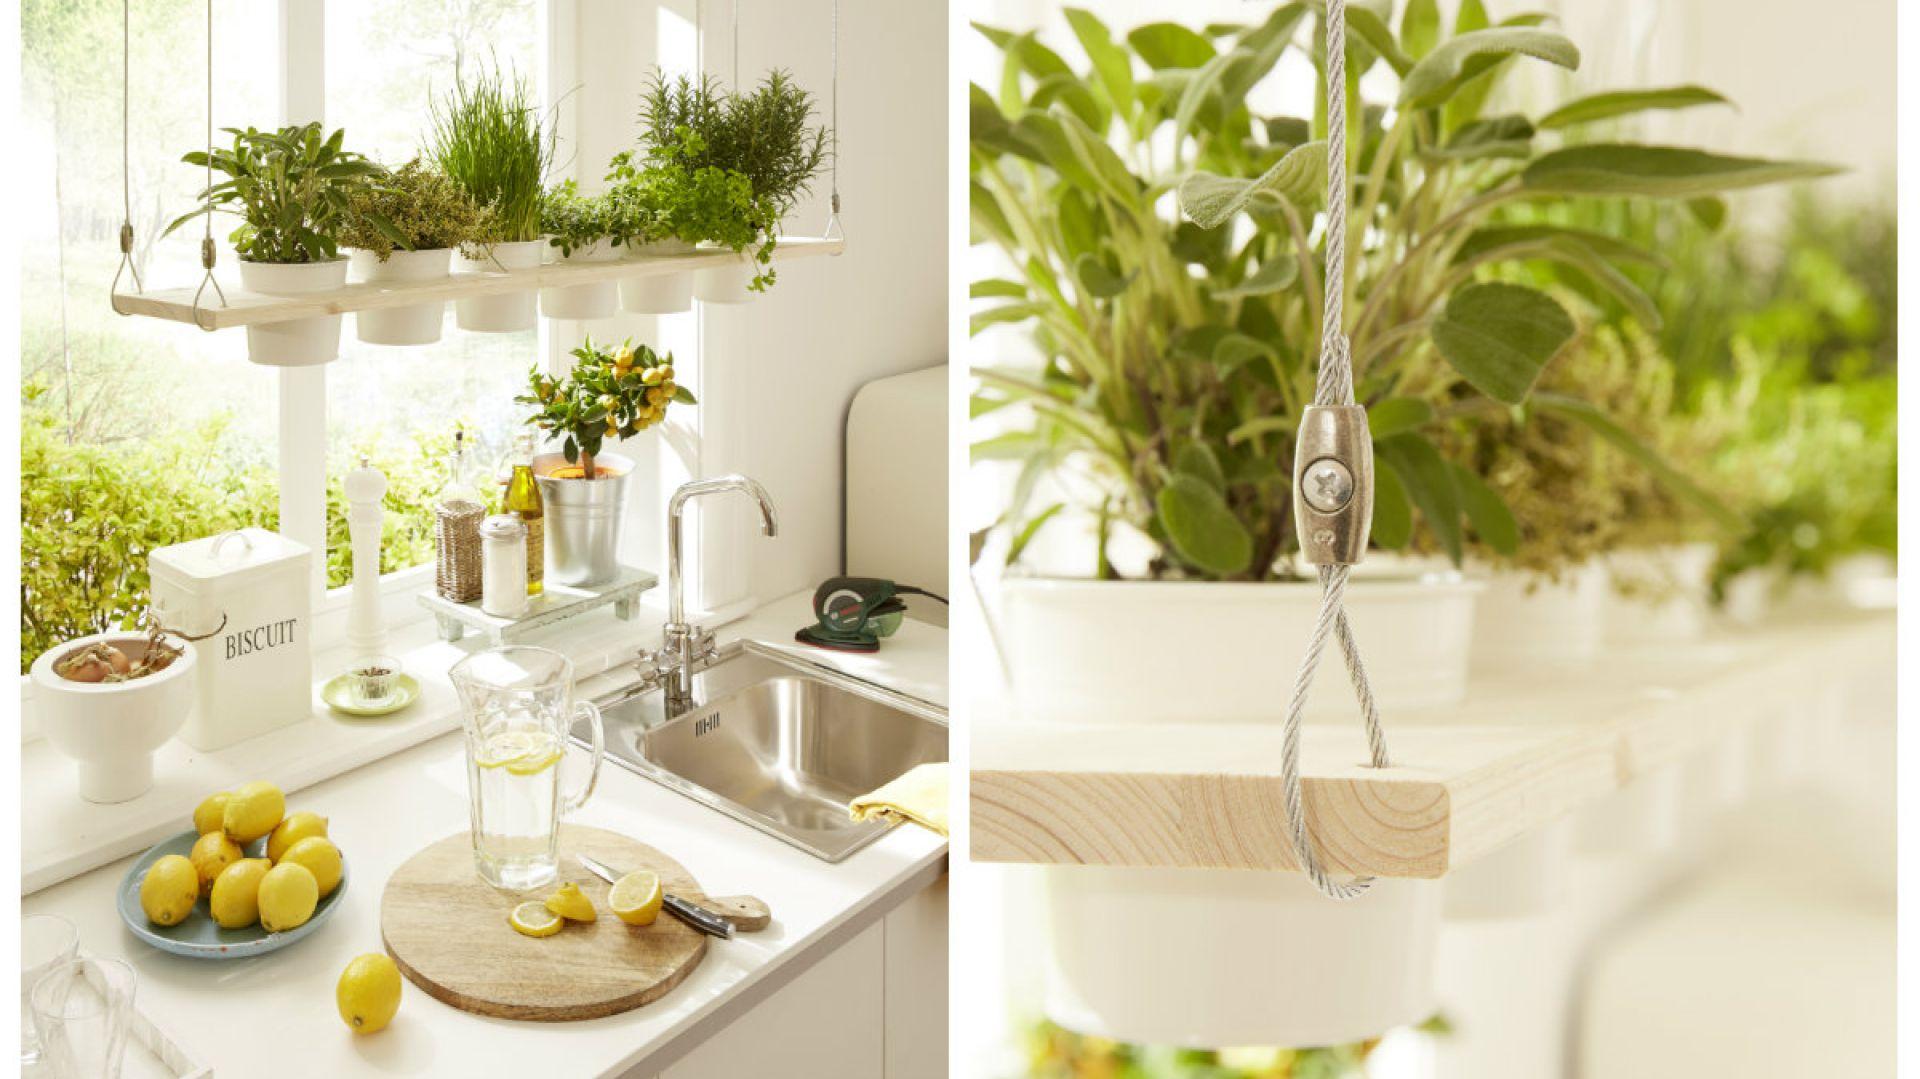 świeże Zioła Wiosenna Dekoracja W Twojej Kuchni